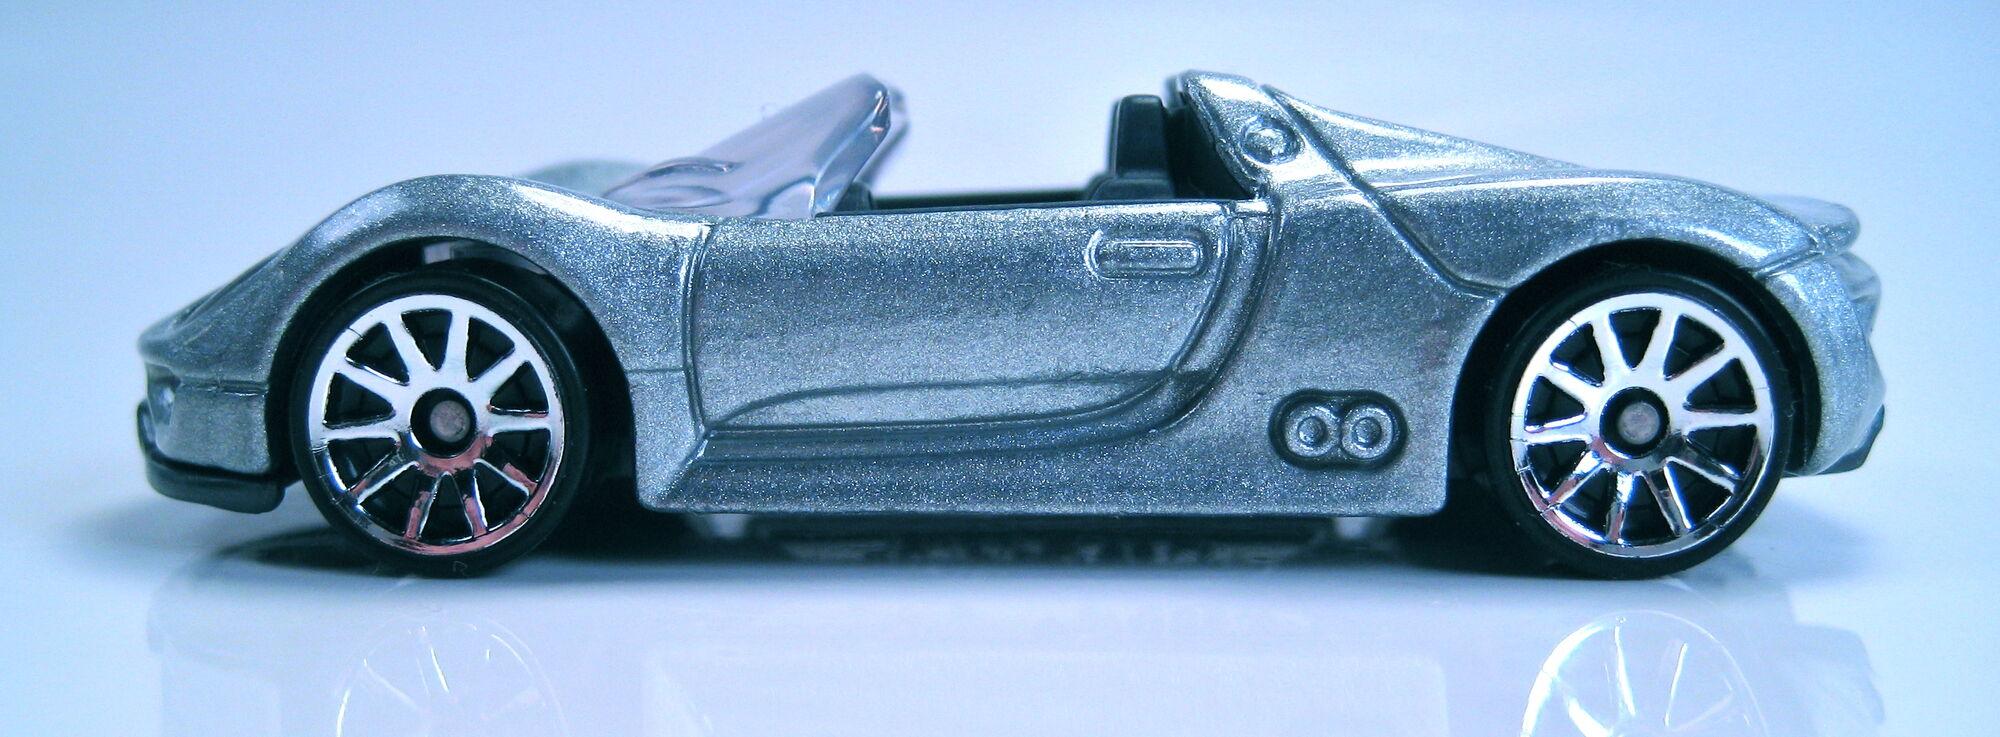 image porsche 918 spyder profile jpg hot wheels wiki. Black Bedroom Furniture Sets. Home Design Ideas